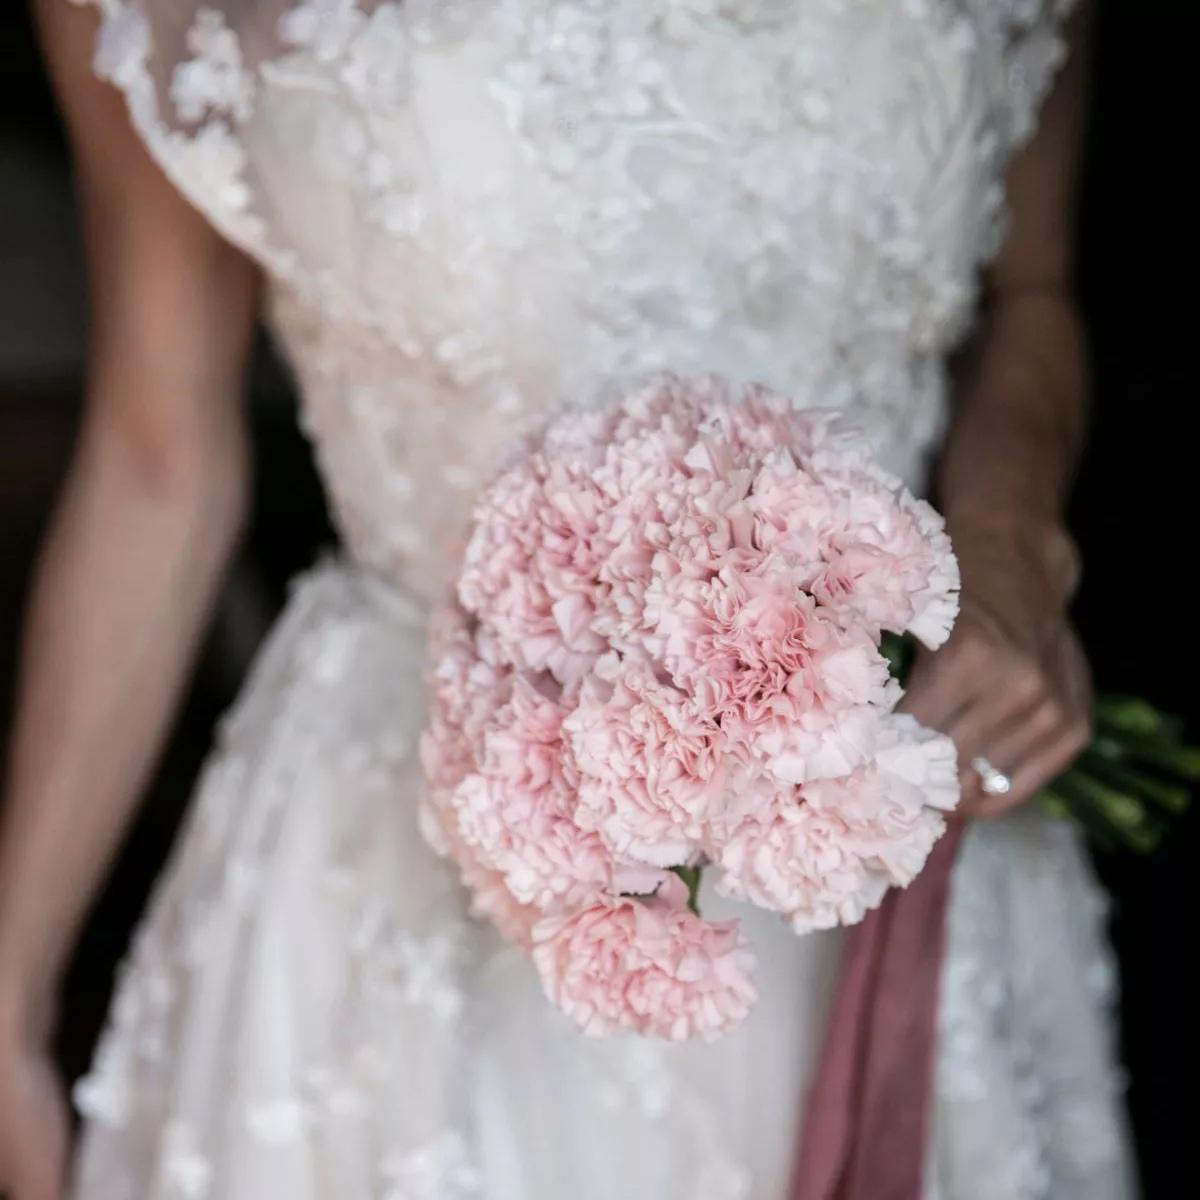 SxclMxvBsS0 - Свадебные букеты с гвоздиками - фото